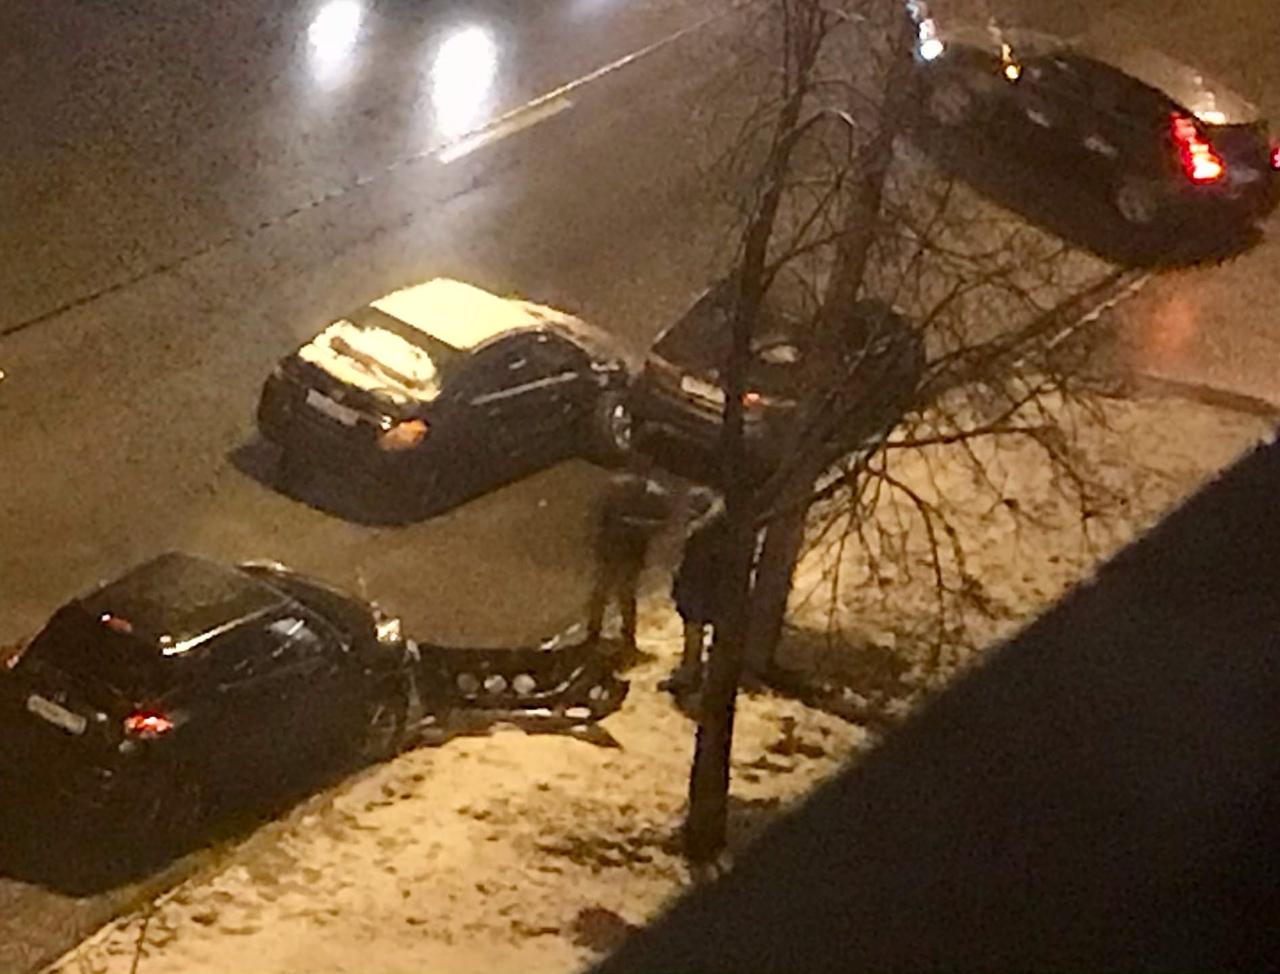 Вчера в 22:30, на Петергофском шоссе 1к1 водитель ситимобил протаранил 2 машины, подержался за голов...